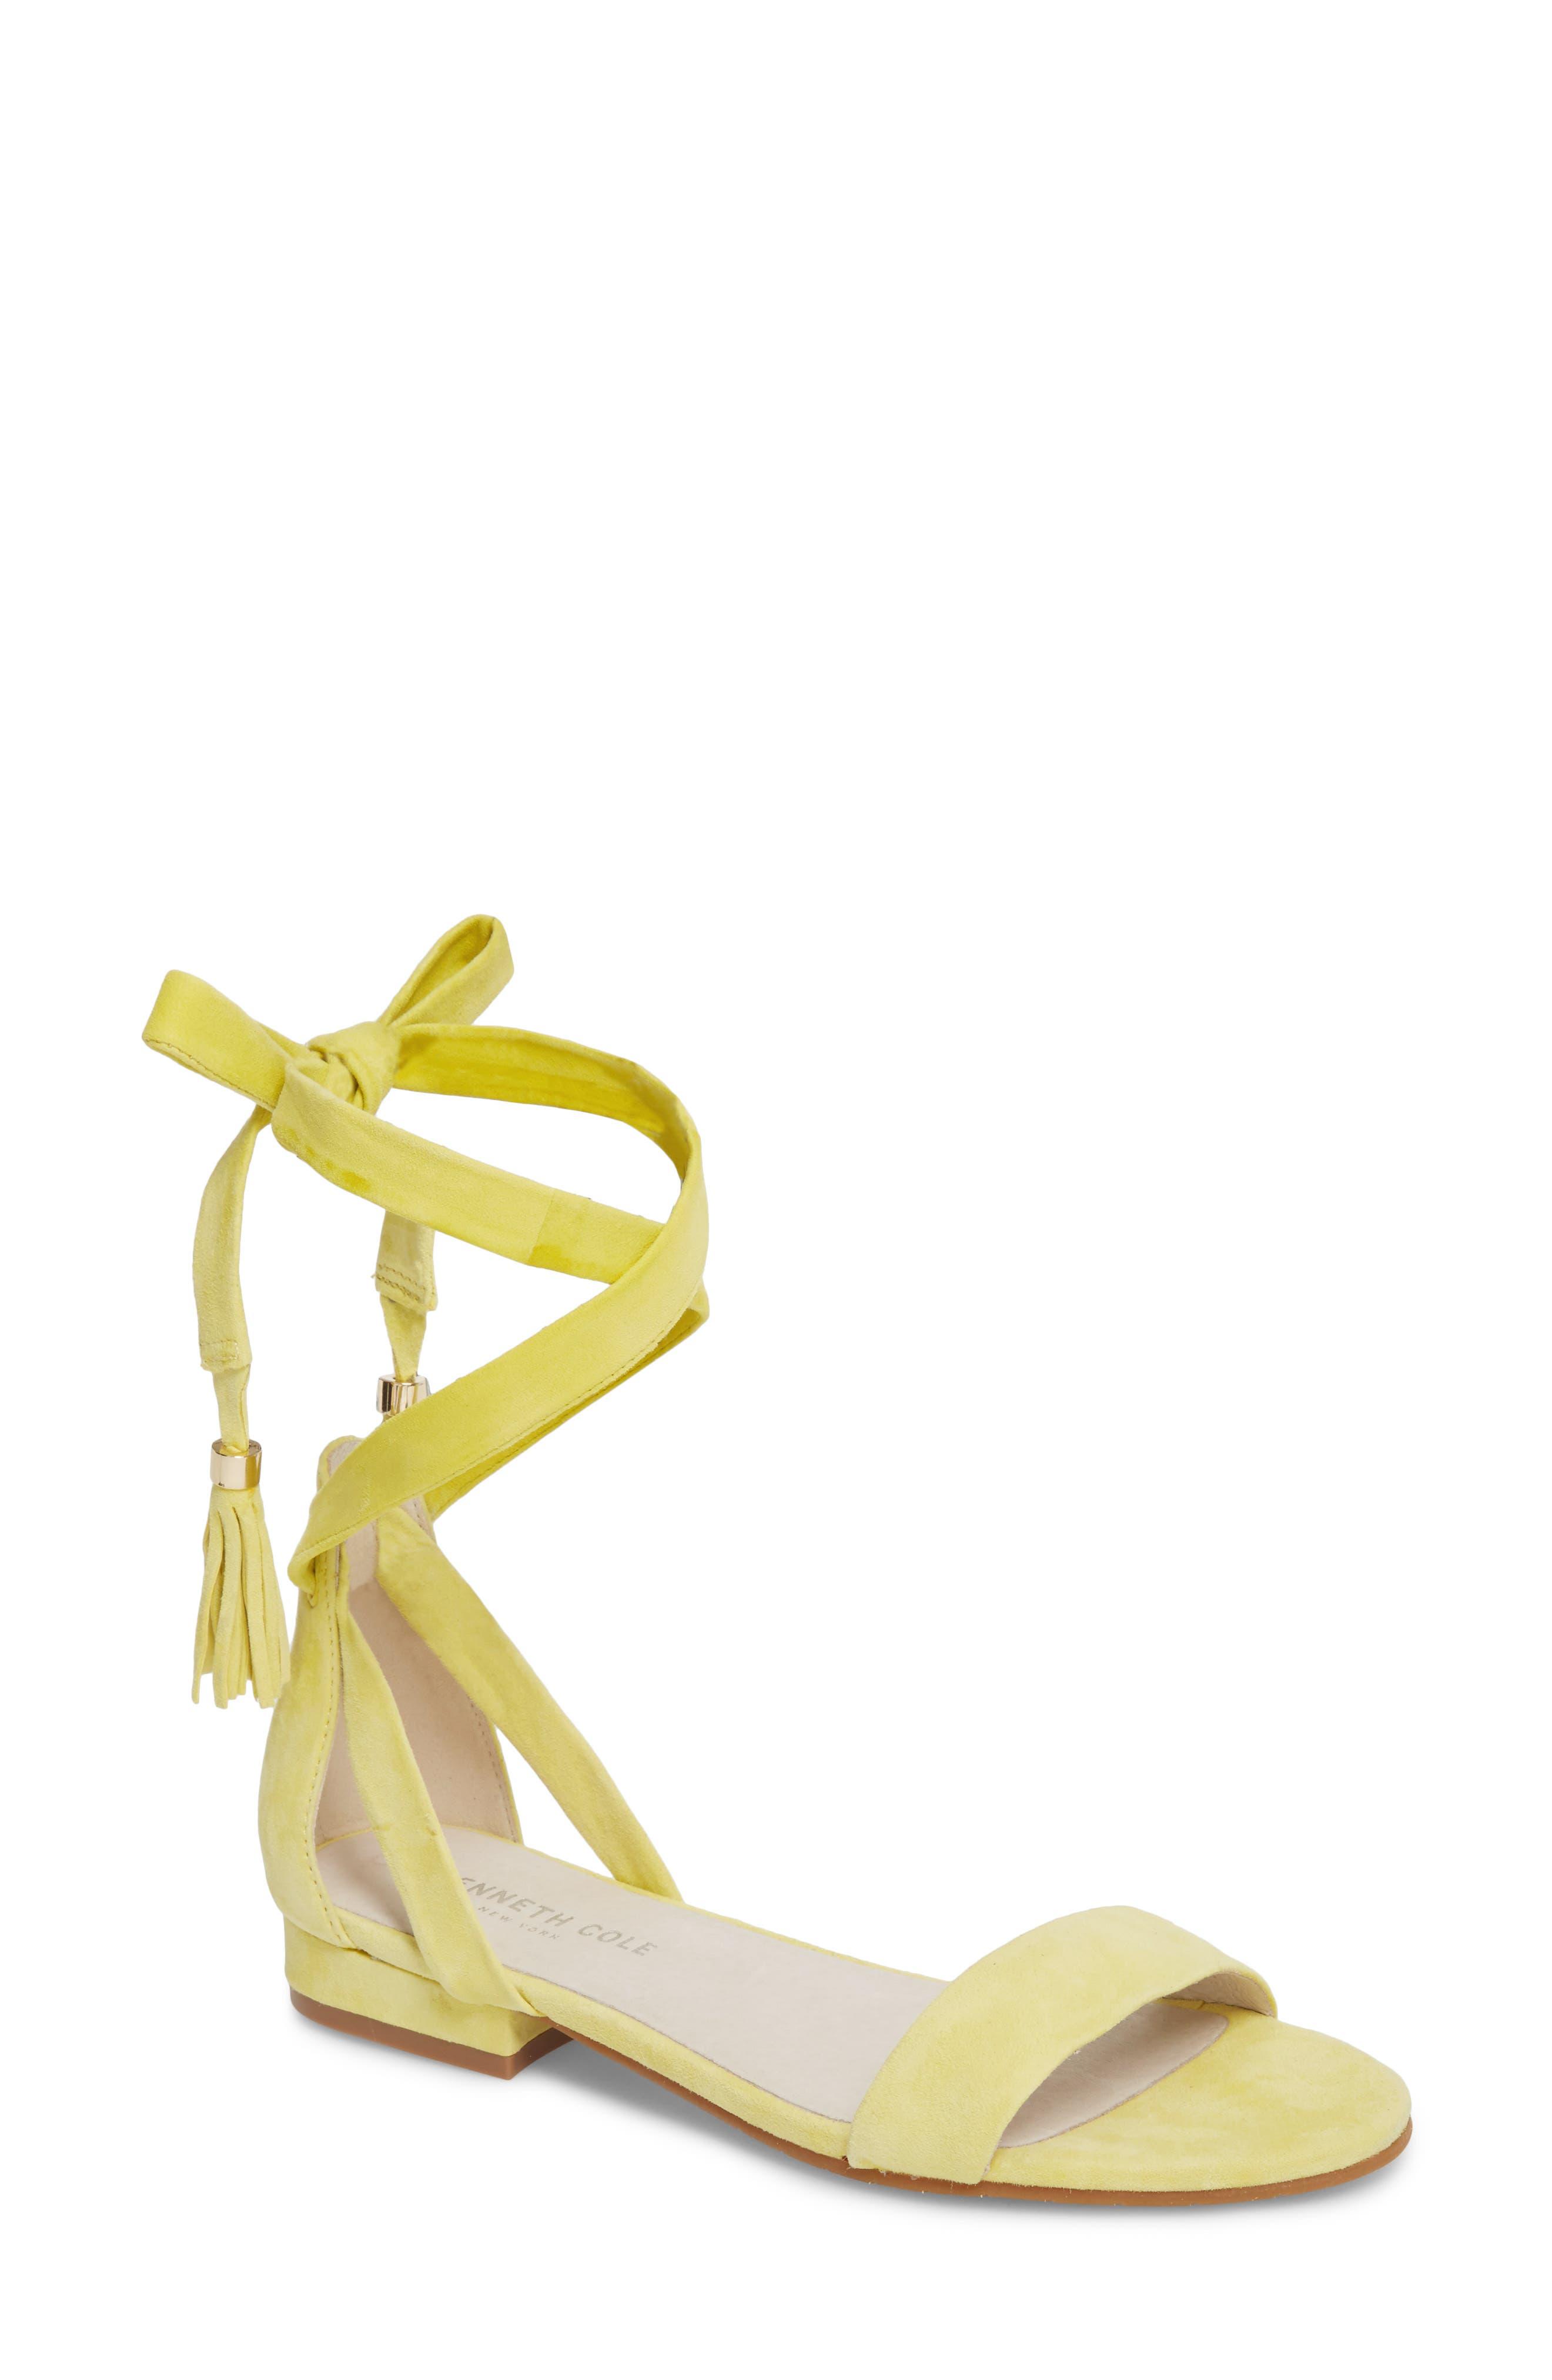 Valen Tassel Lace-Up Sandal,                             Main thumbnail 2, color,